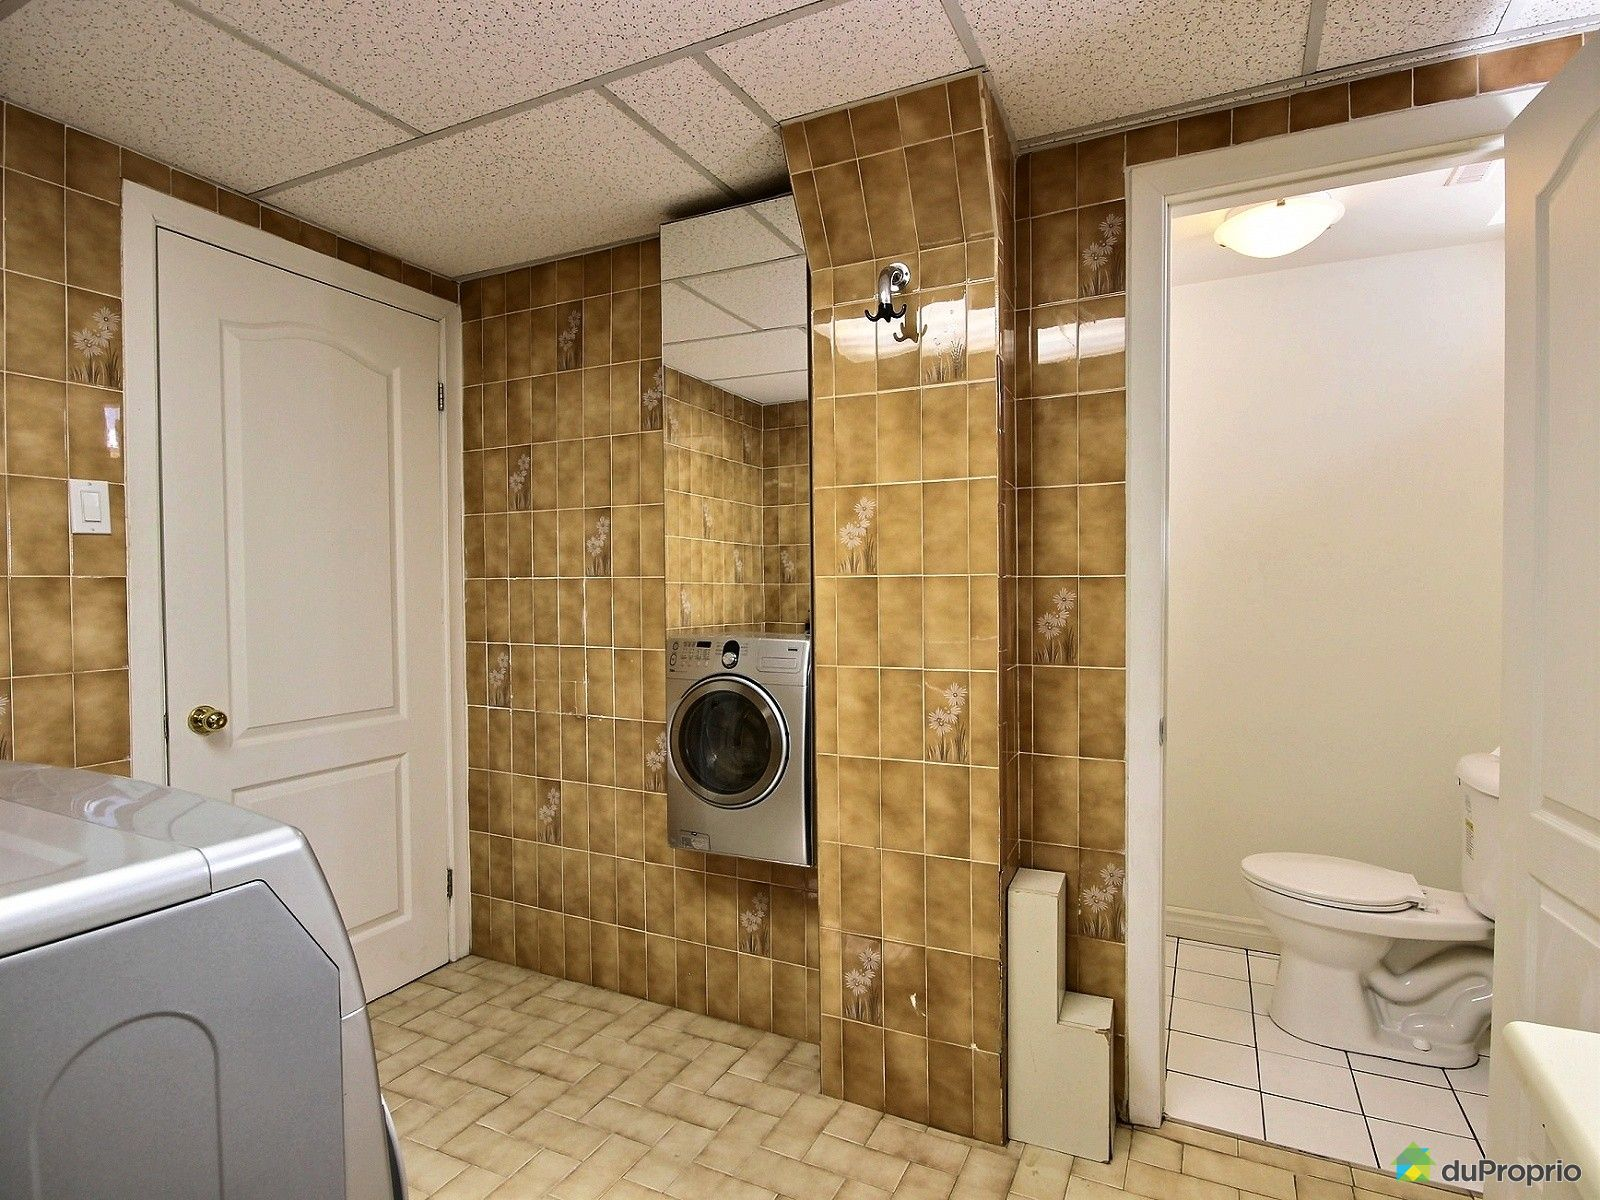 Maison vendre lorraine 8 boulevard d 39 orl ans for Prix salle de bain sous sol